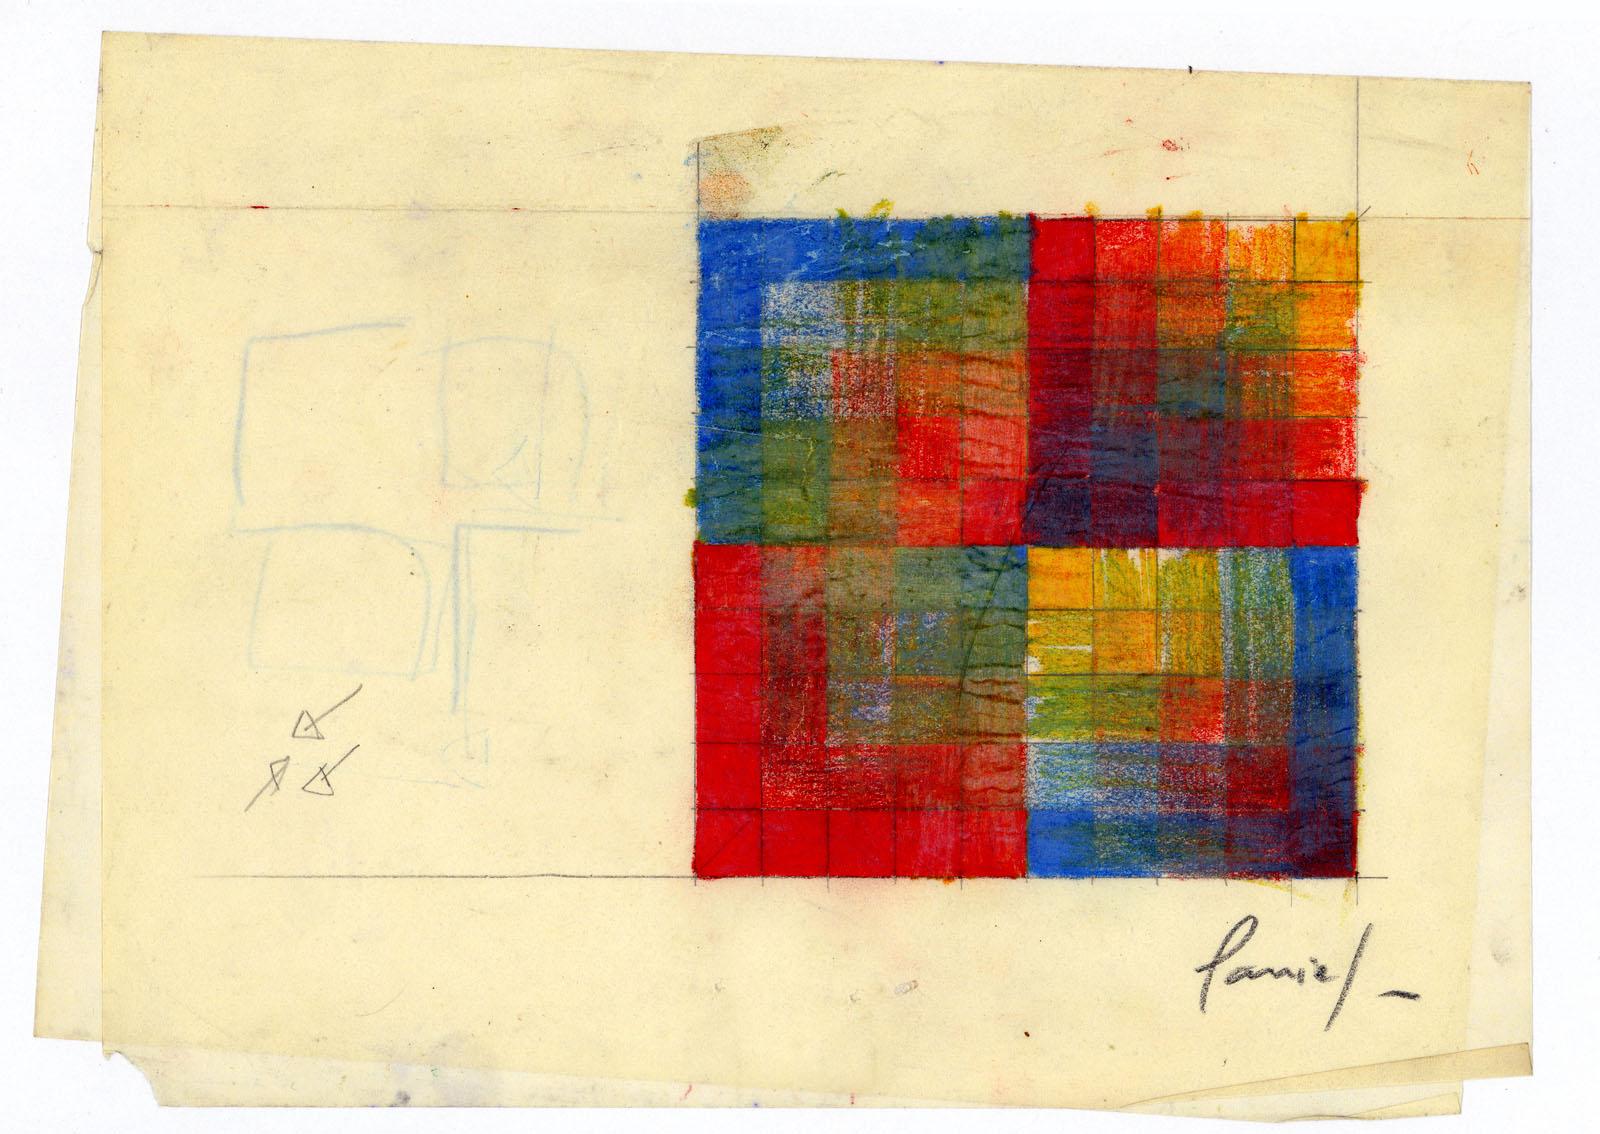 panies-danielvillalobos-painting-twentiethcentury-kinetic-art-23